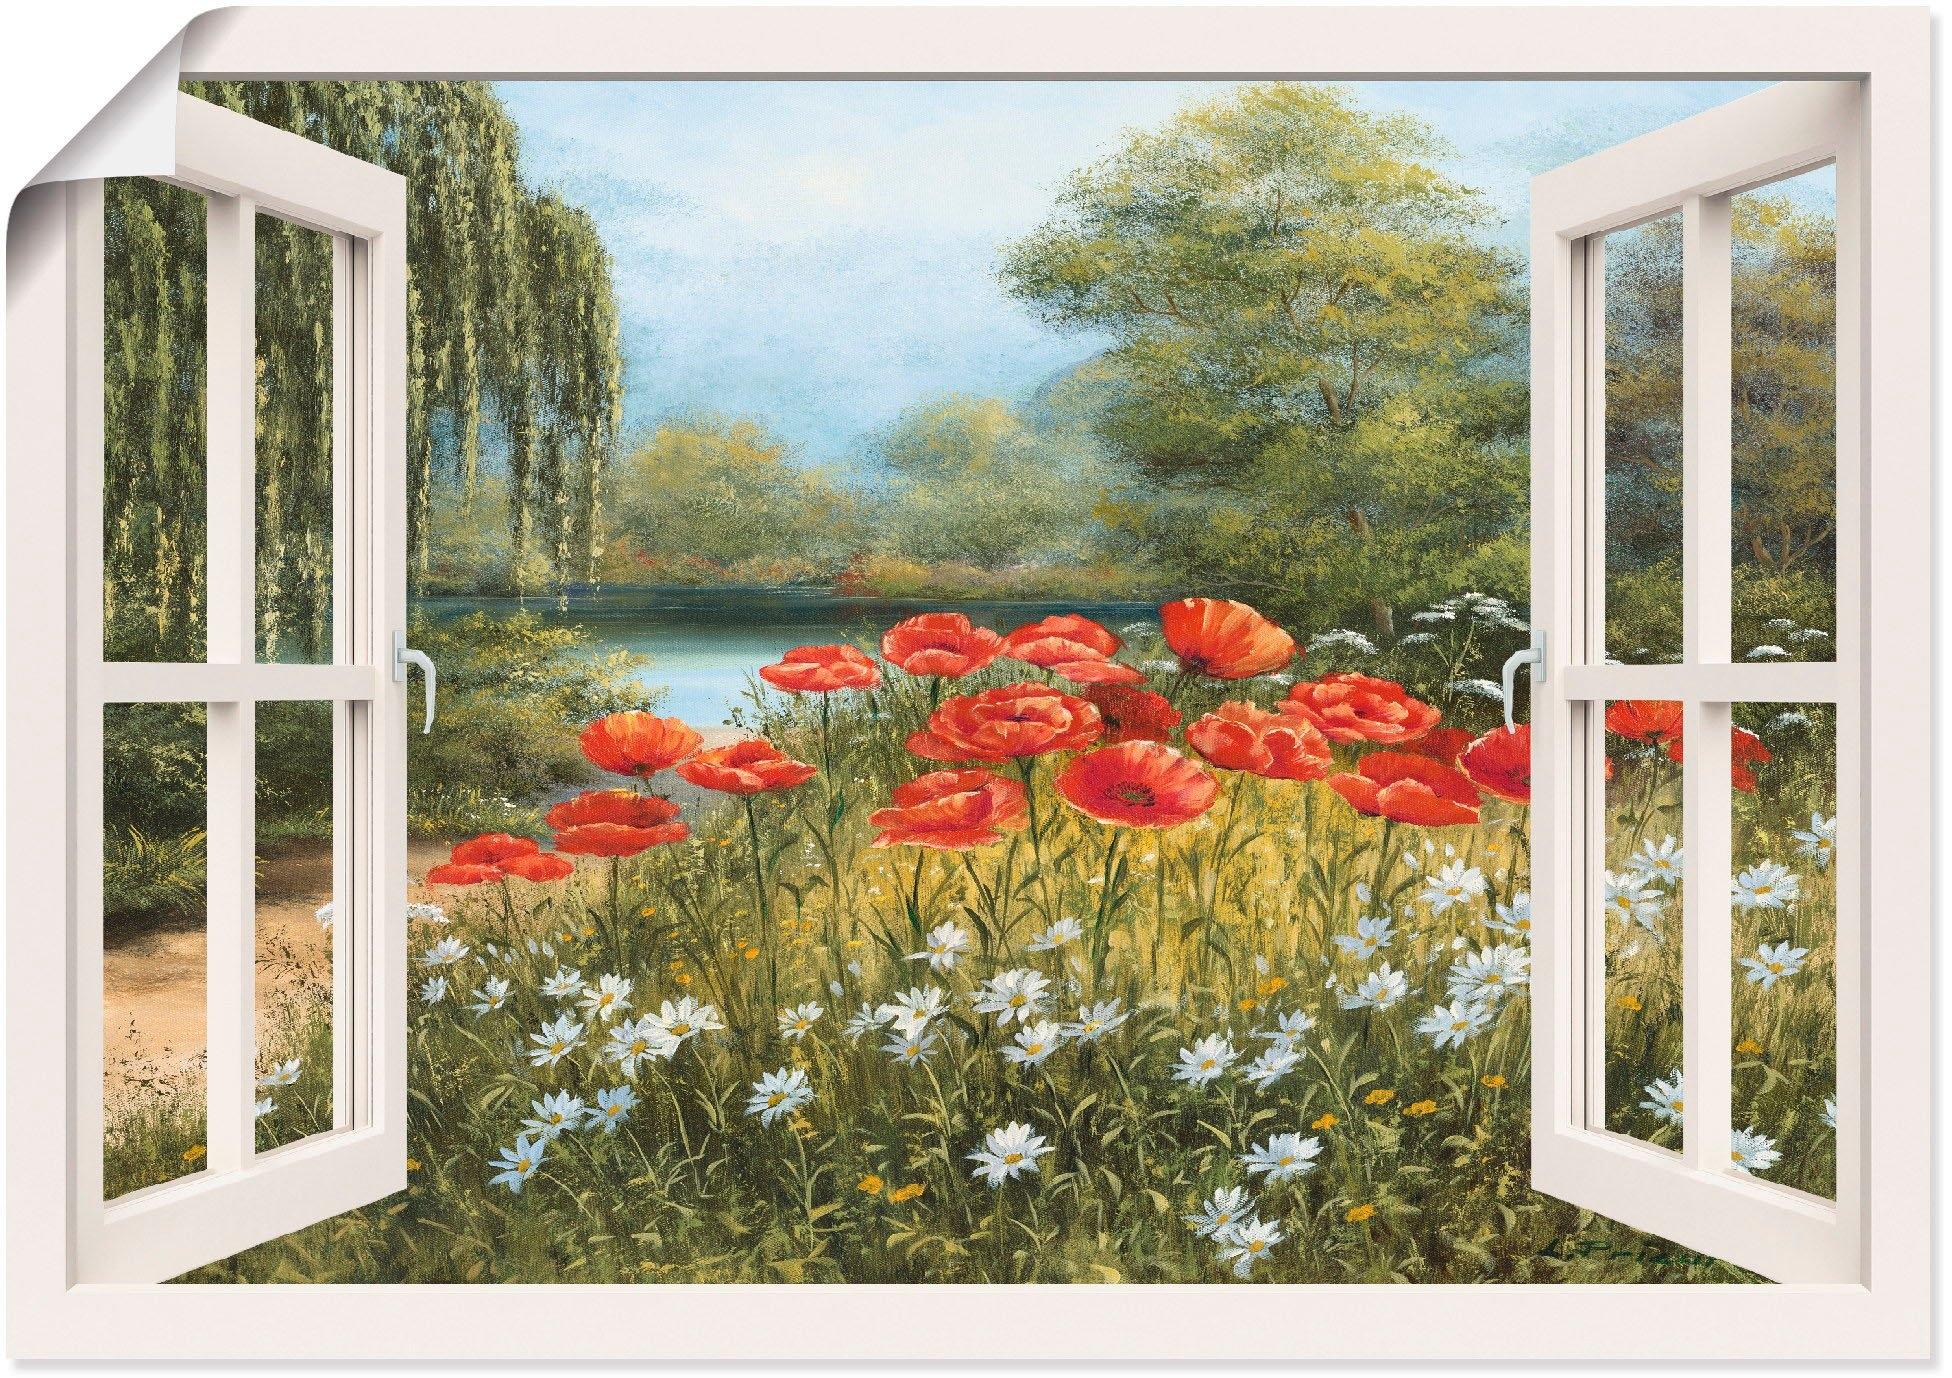 Artland artprint »Fensterblick Mohnwiese« goedkoop op otto.nl kopen